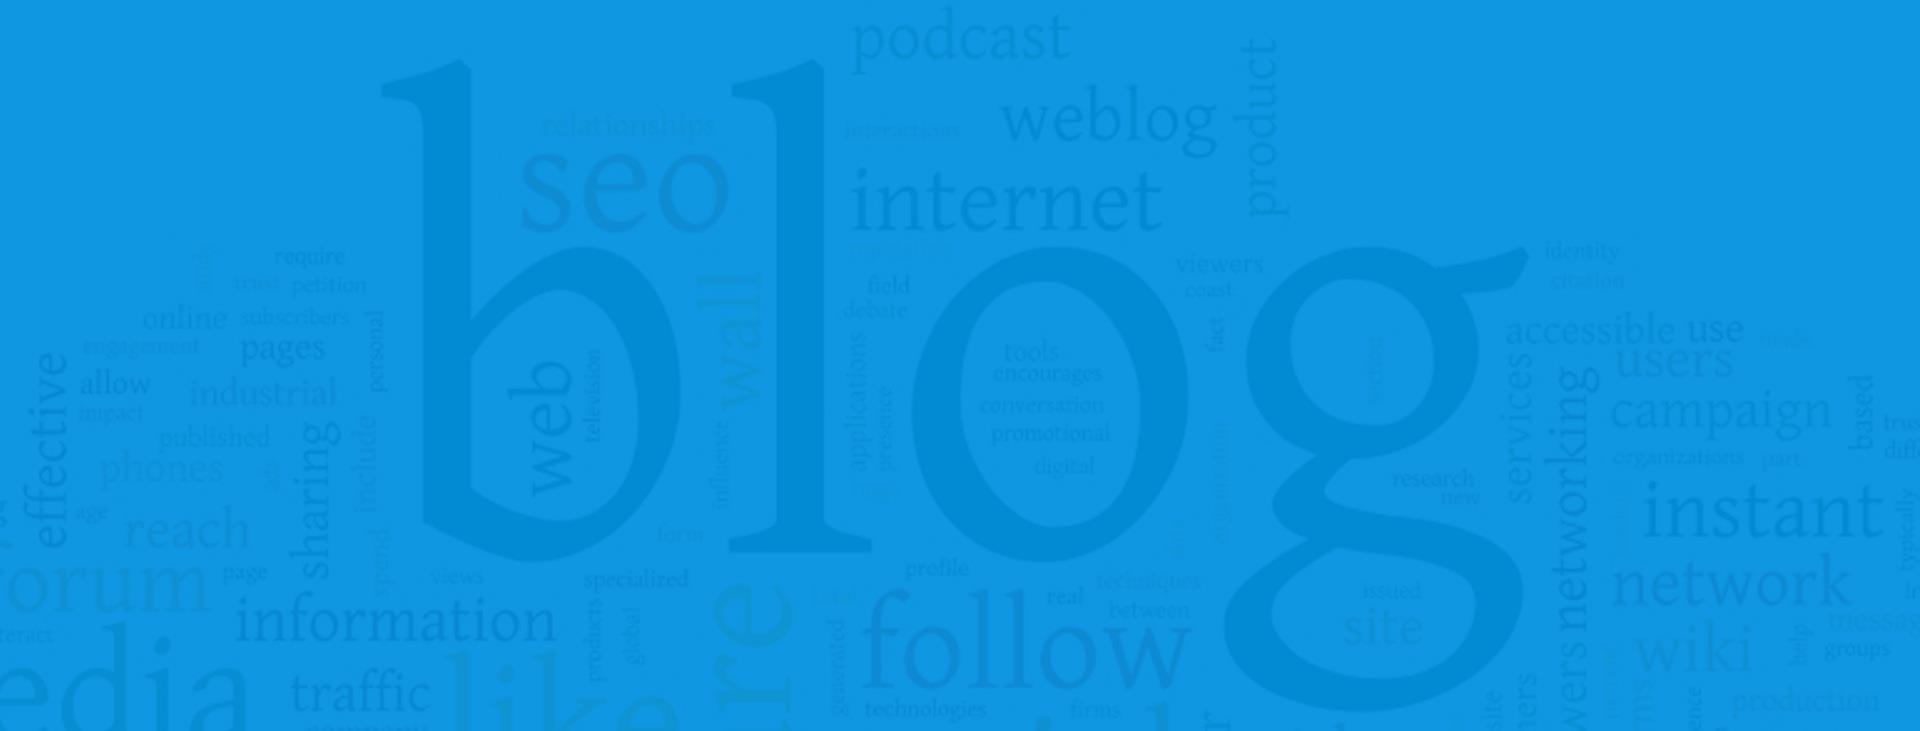 Blogwahlen 2016